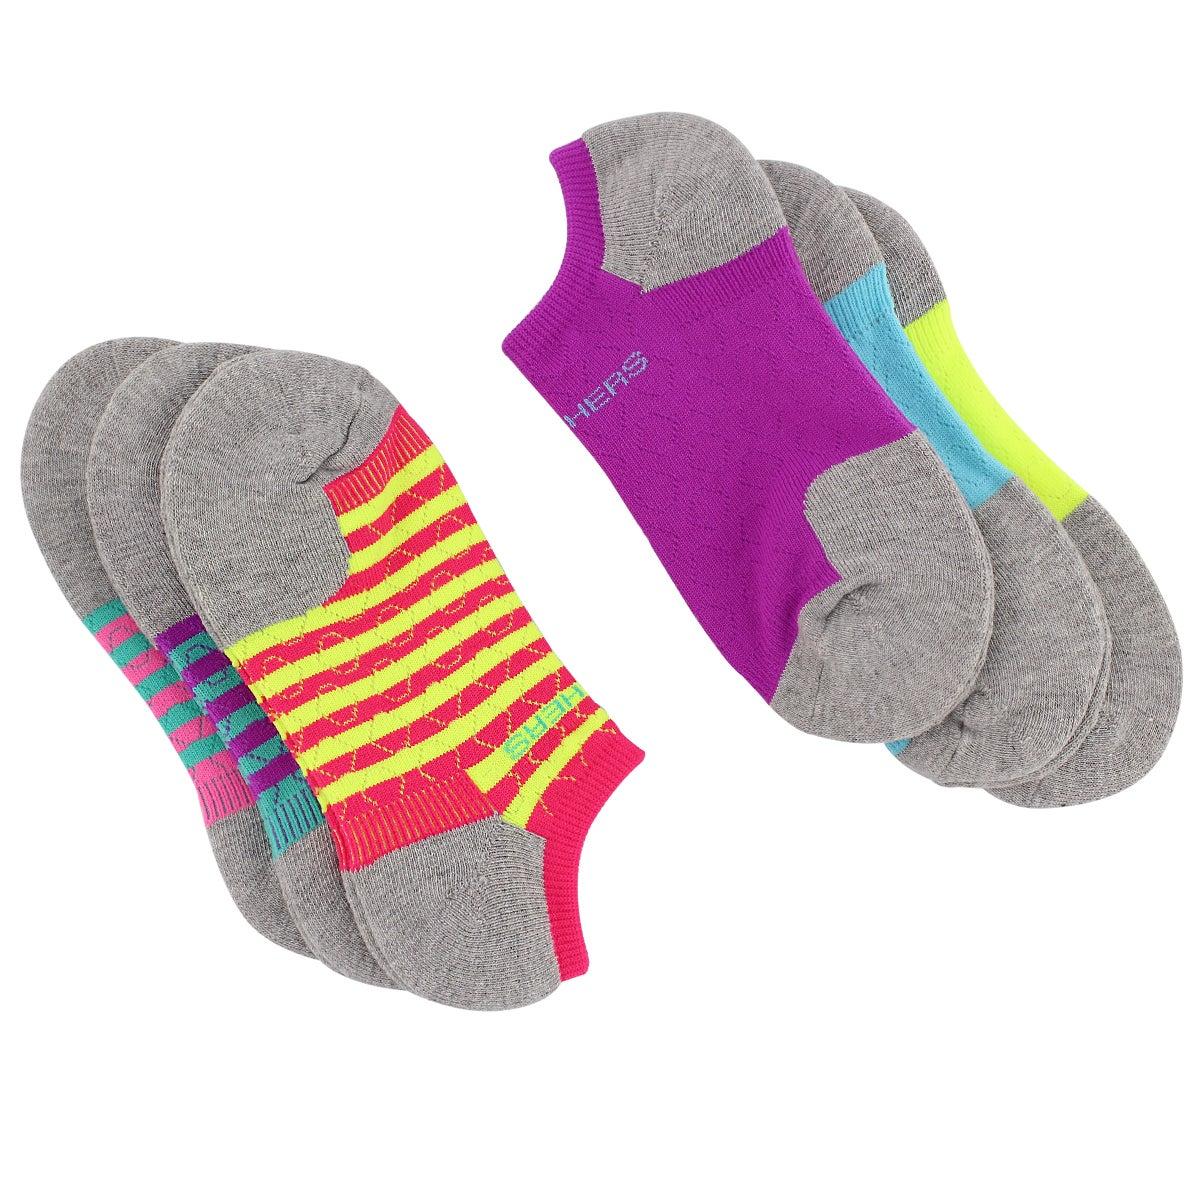 Socquettes Select Cushion, multi, fem-6p